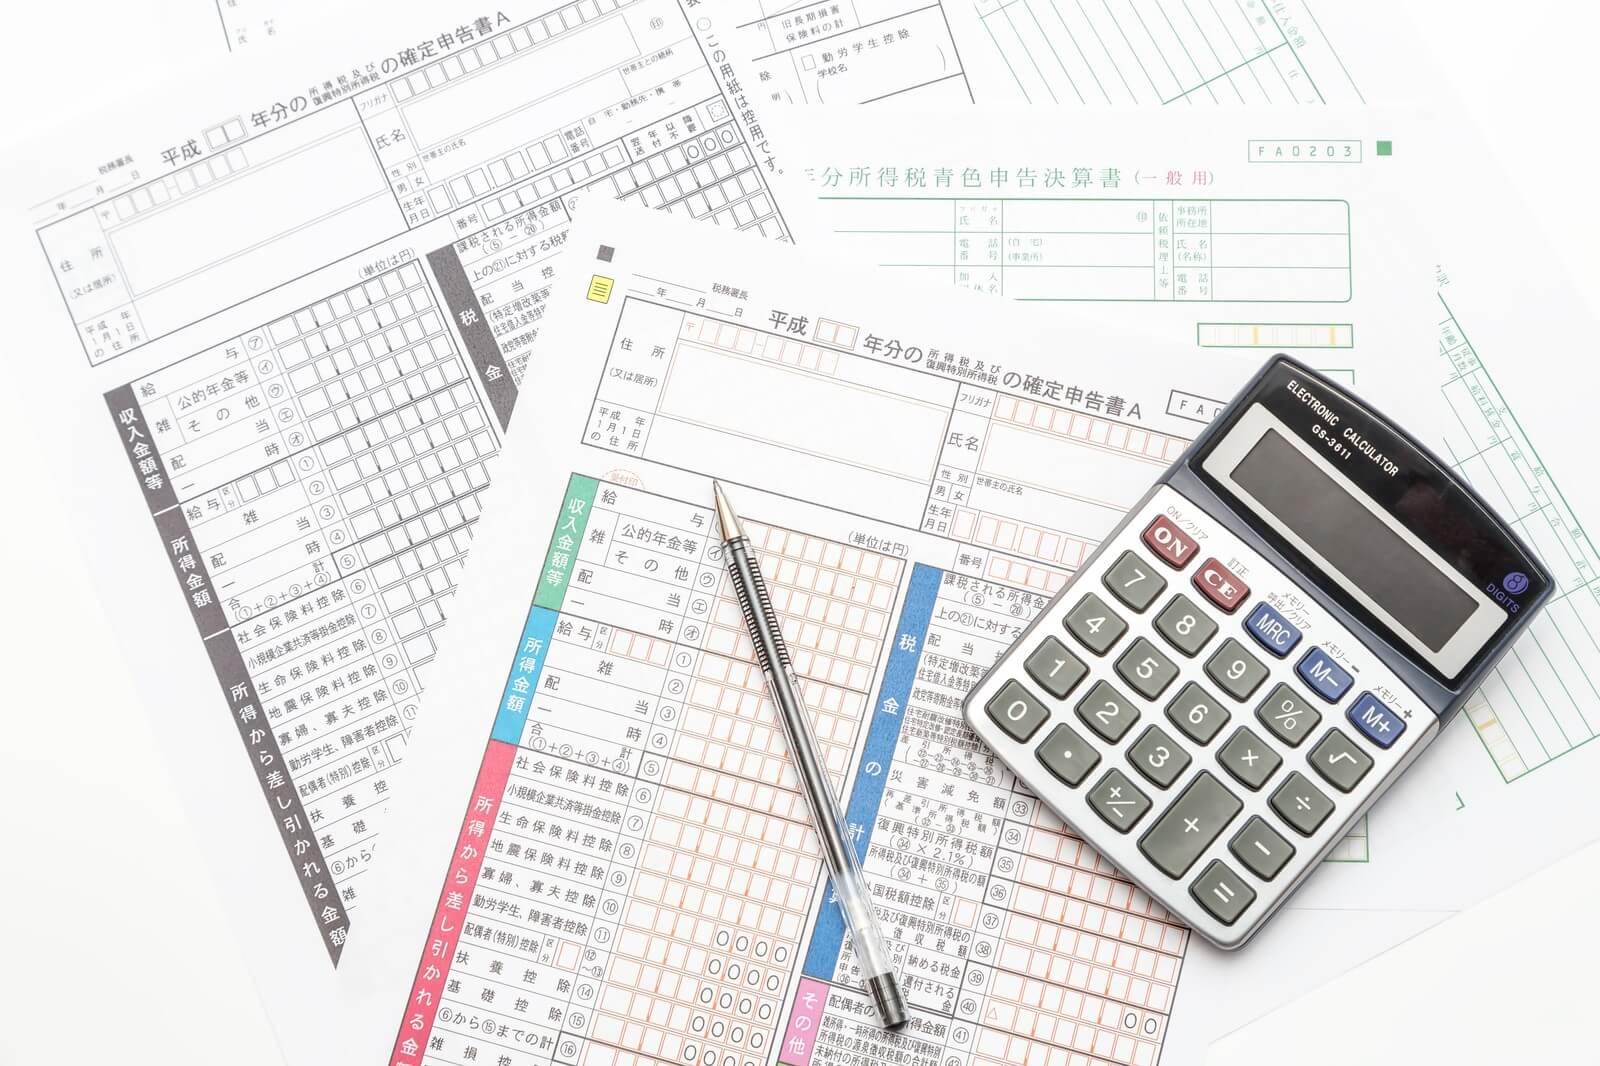 所得税の確定申告書の様式はどれを使えばよいか?